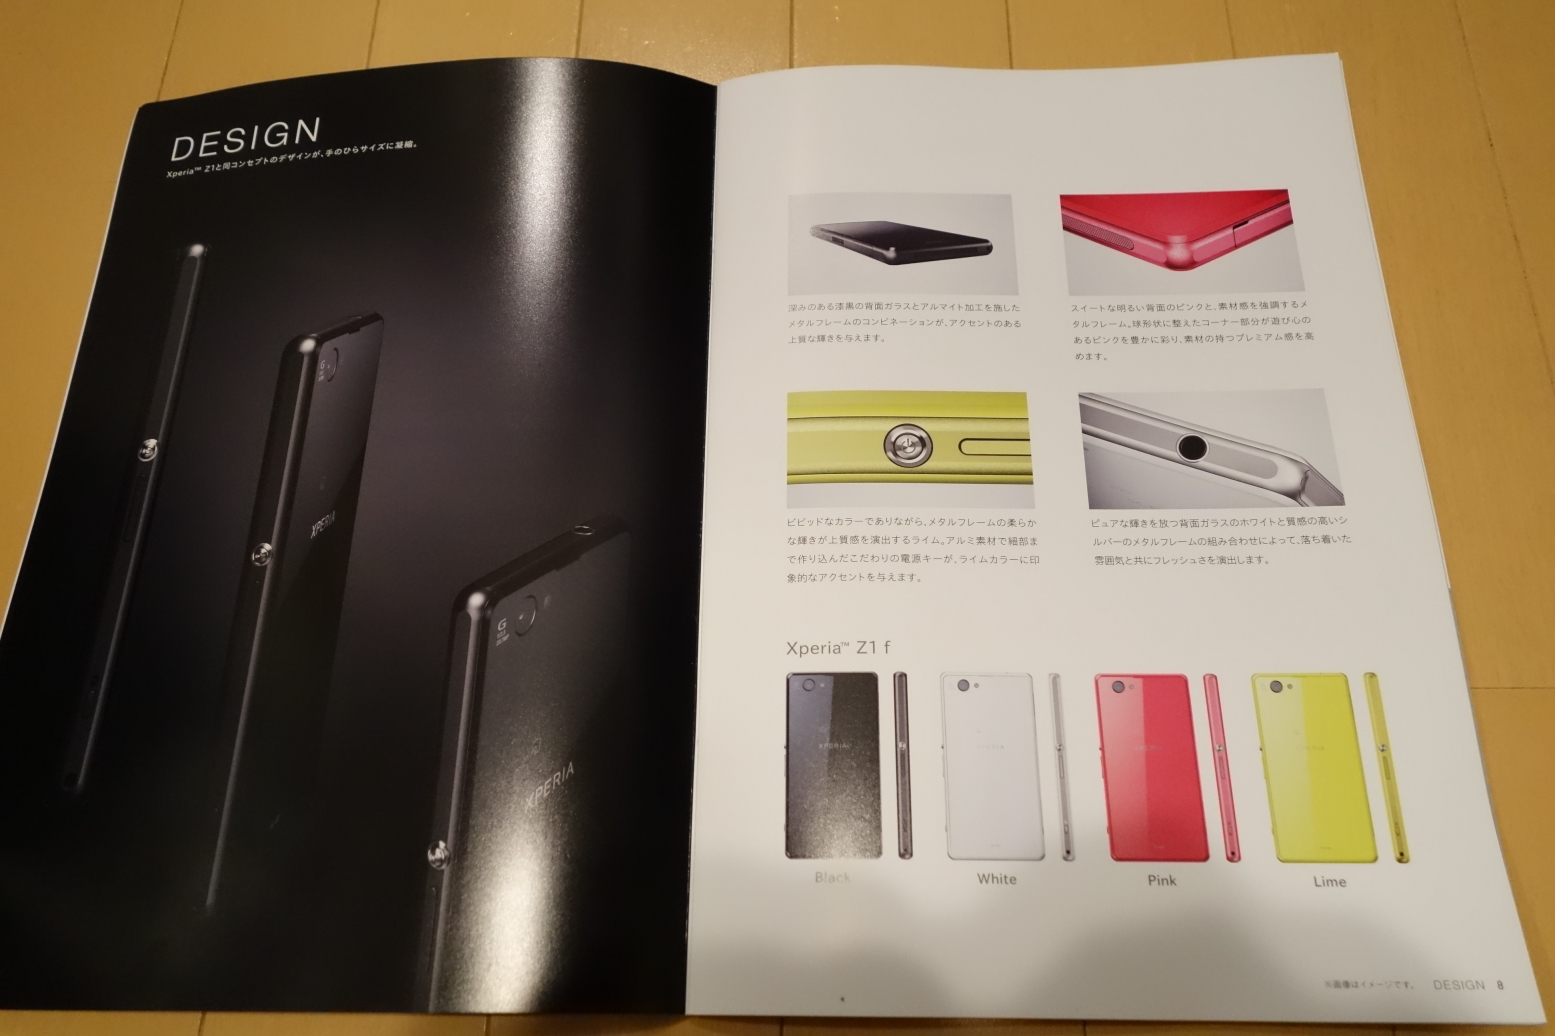 """Katalog zeigt weitere Bilder des """"Sony Xperia Z1 f"""" (Sony Z1 mini)"""